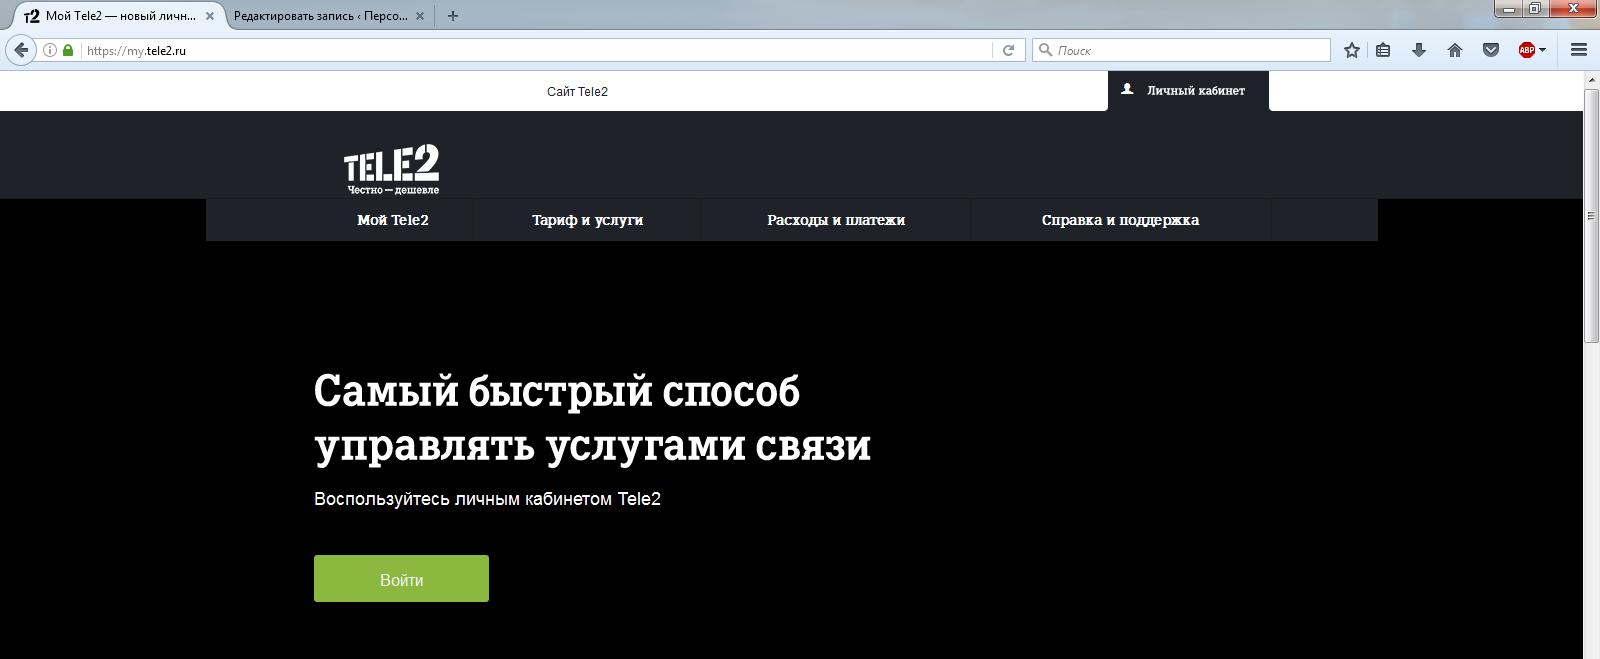 tele2-site-lk